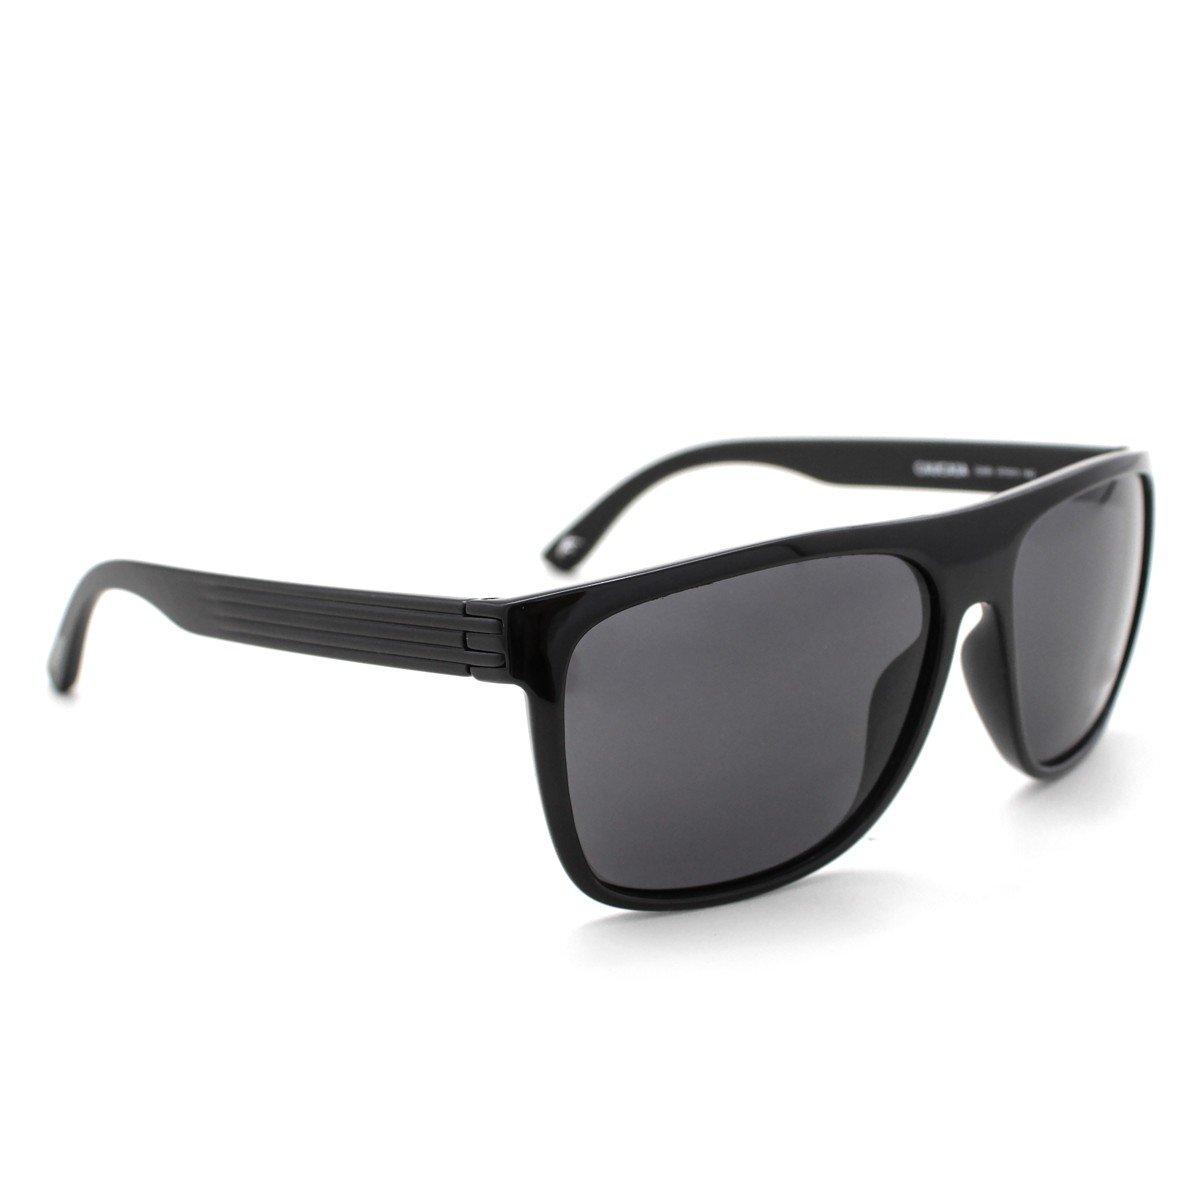 Caucaia - Compre Agora   Netshoes cb059e679a